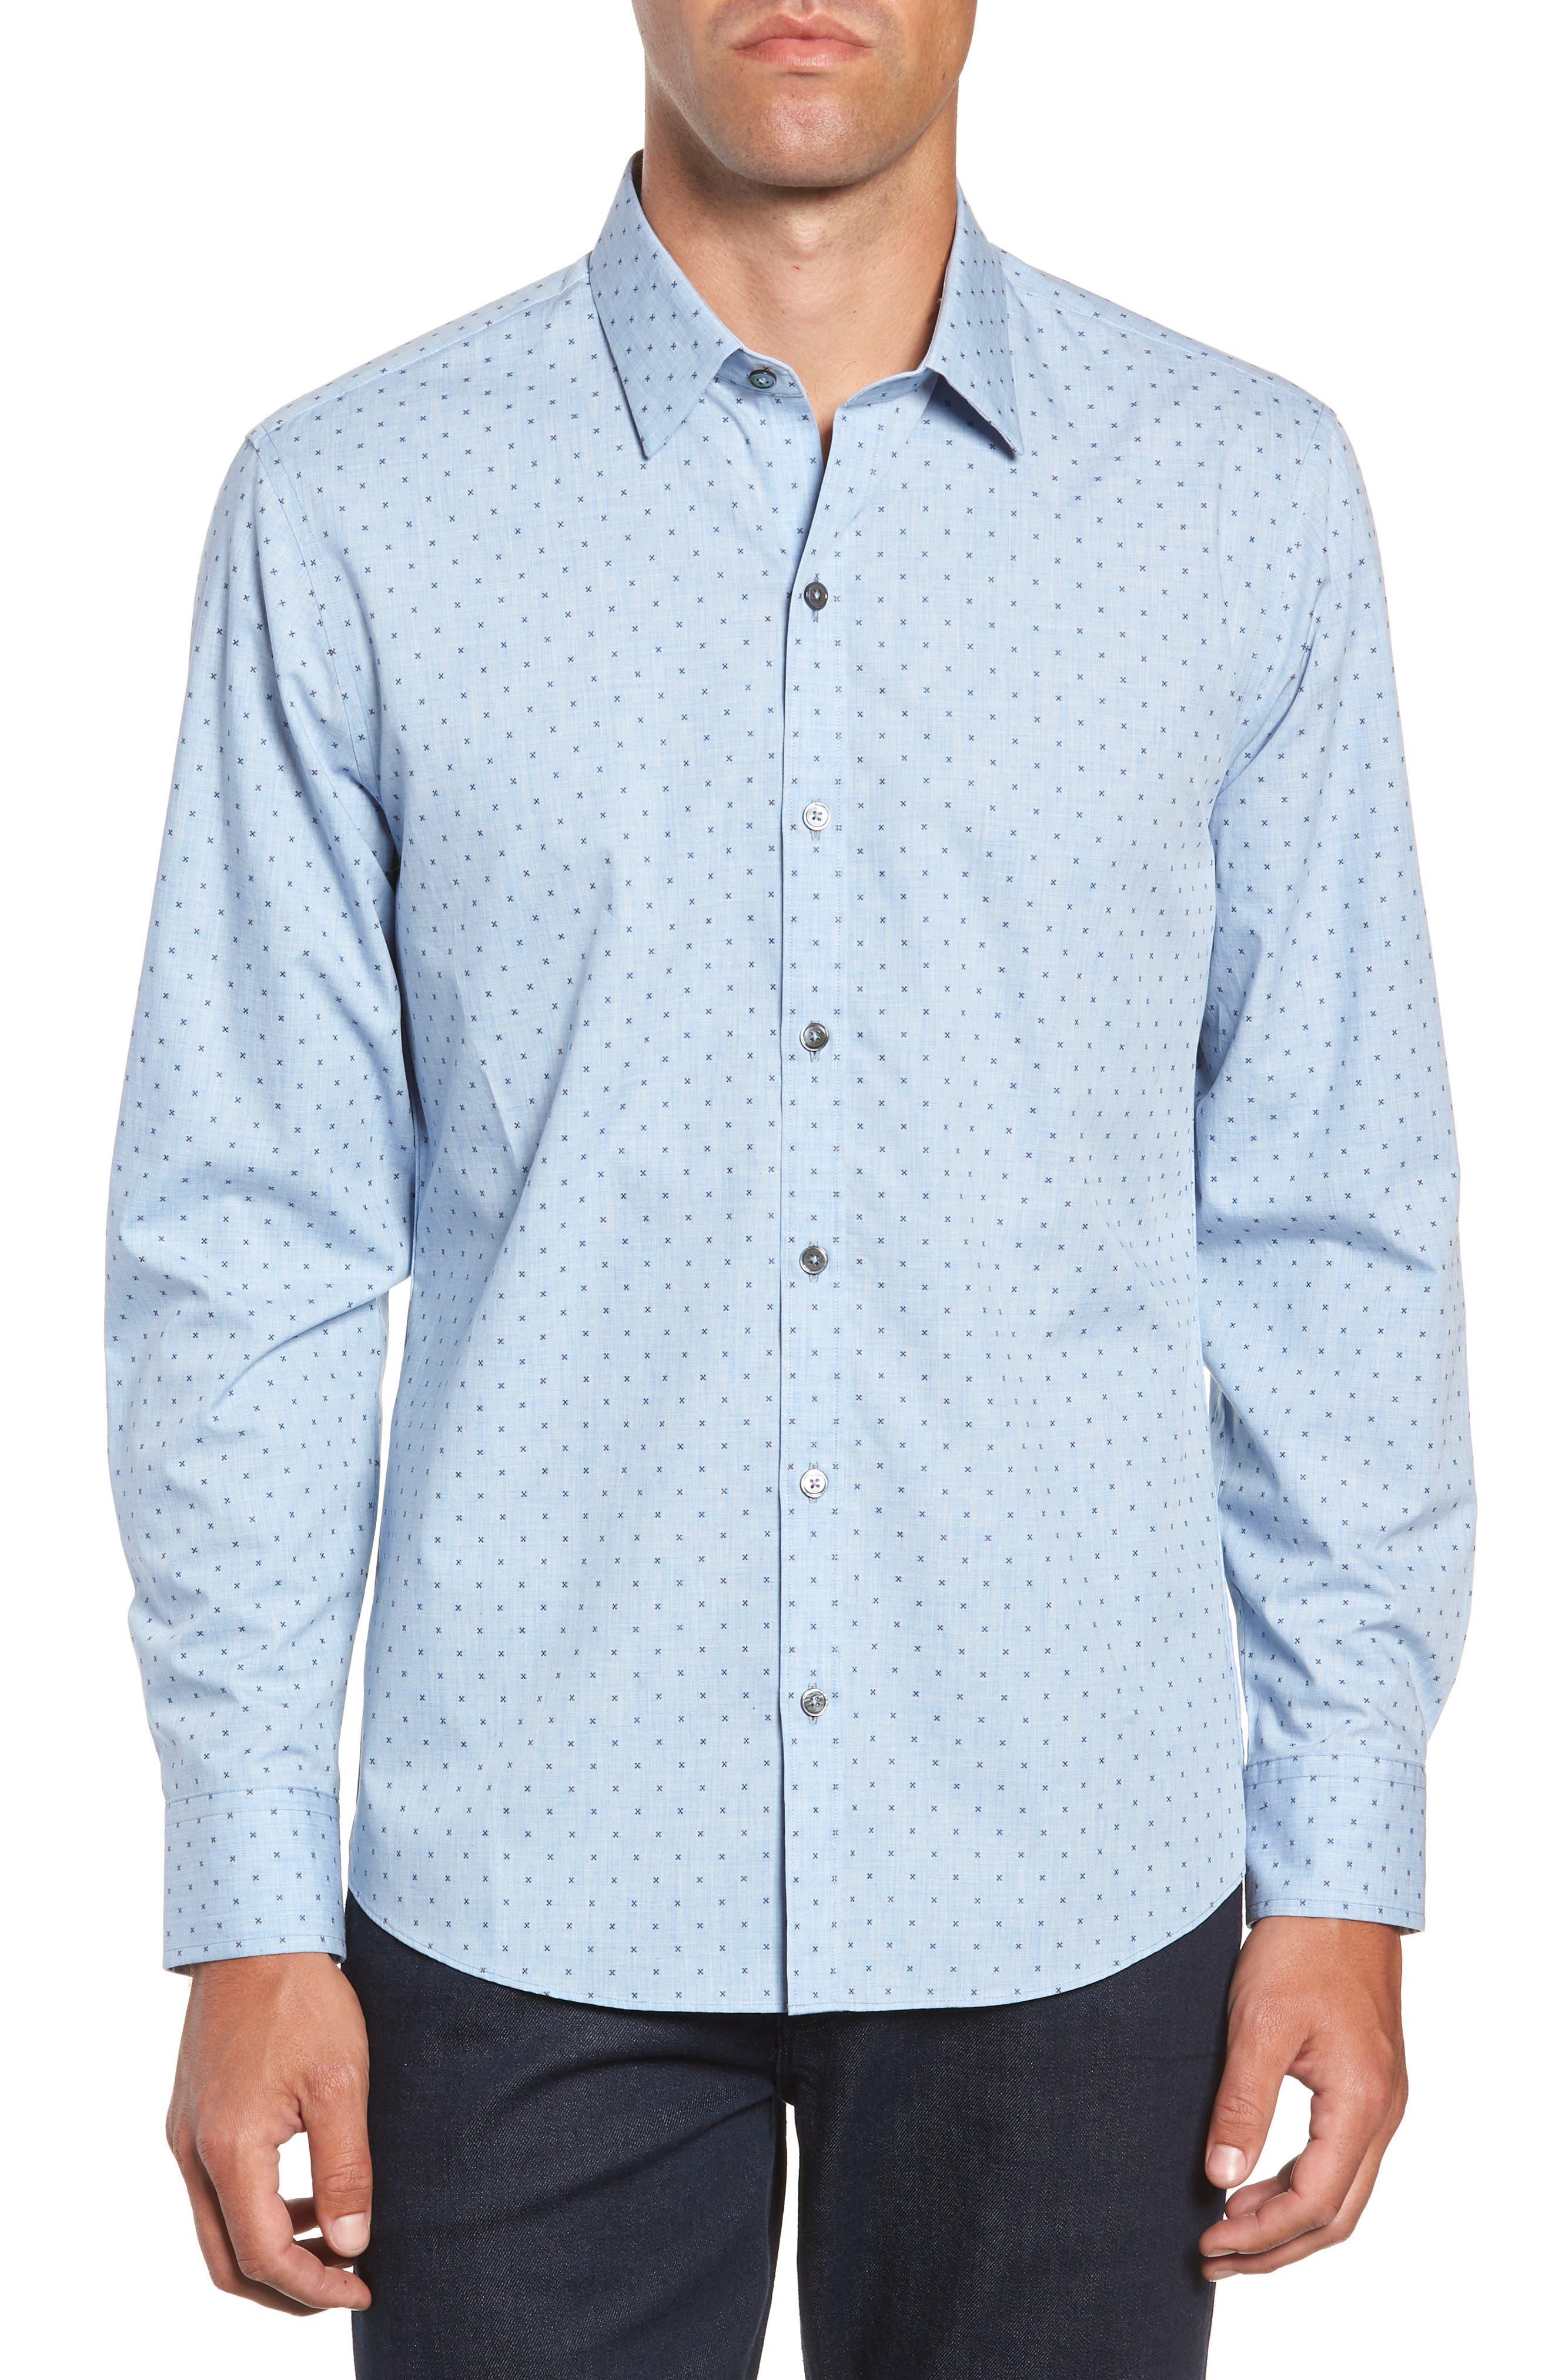 ZACHARY PRELL Zhang Regular Fit Sport Shirt, Main, color, LIGHT BLUE